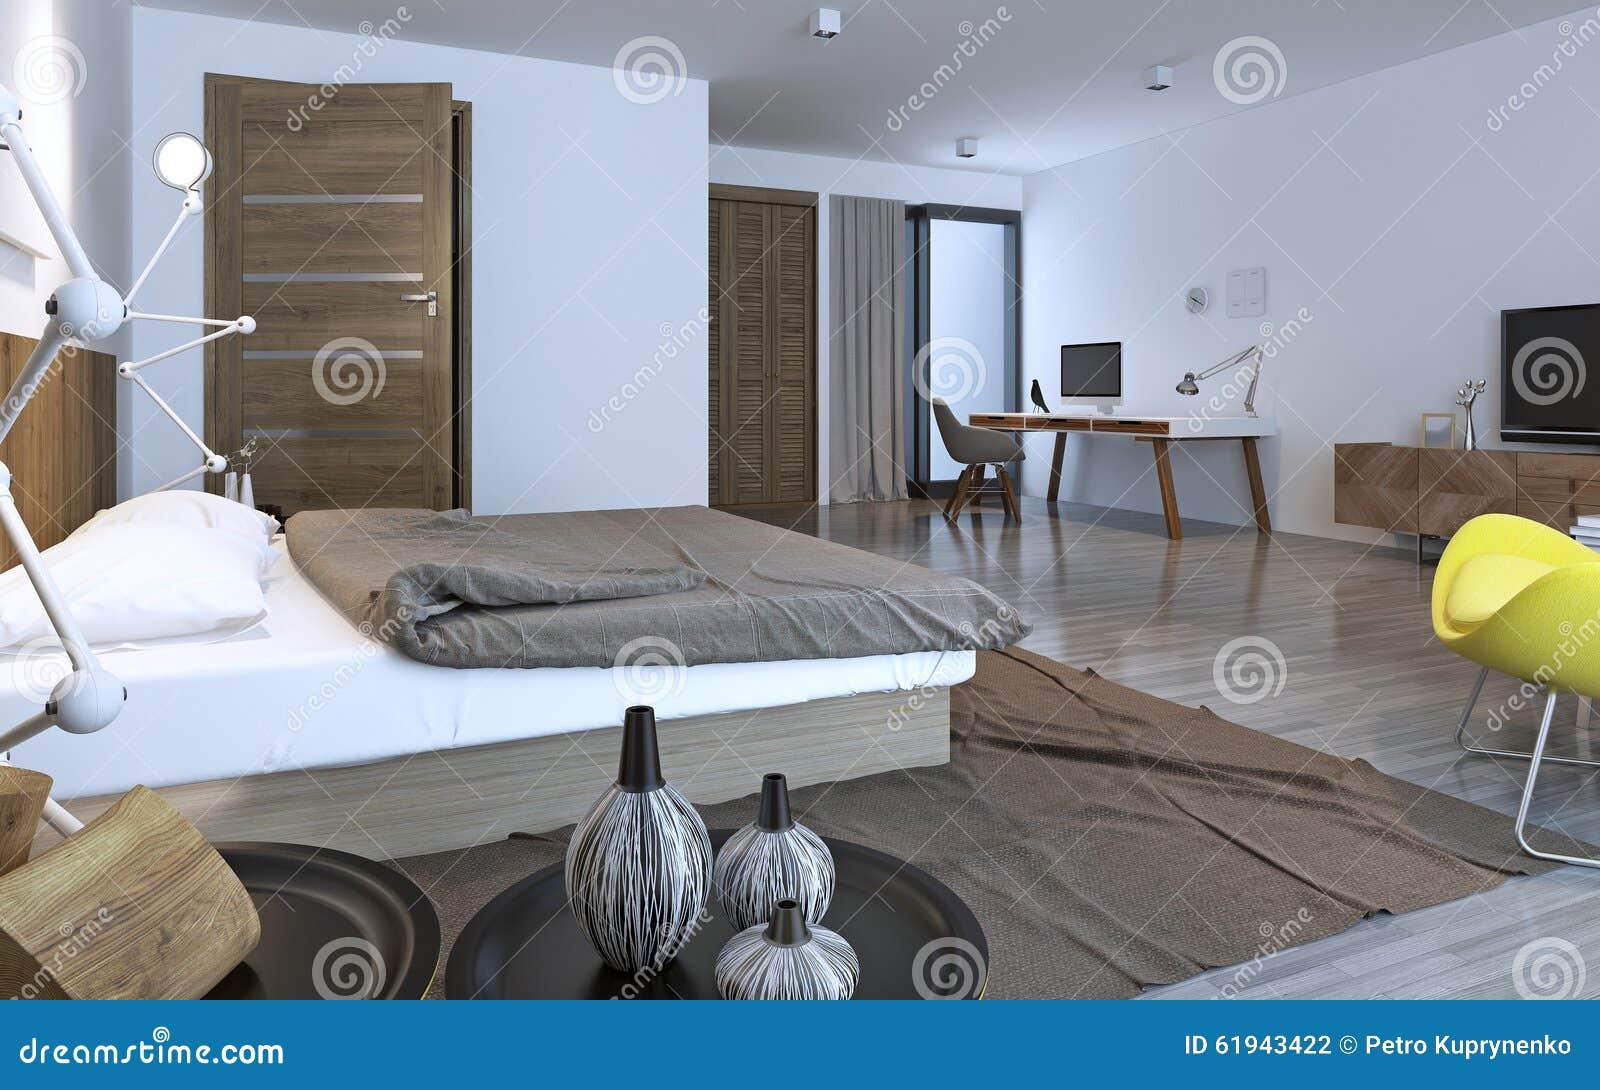 Dormitorio Contempor Neo Con Muebles Marrones Stock De Ilustraci N  # Muebles Marrones